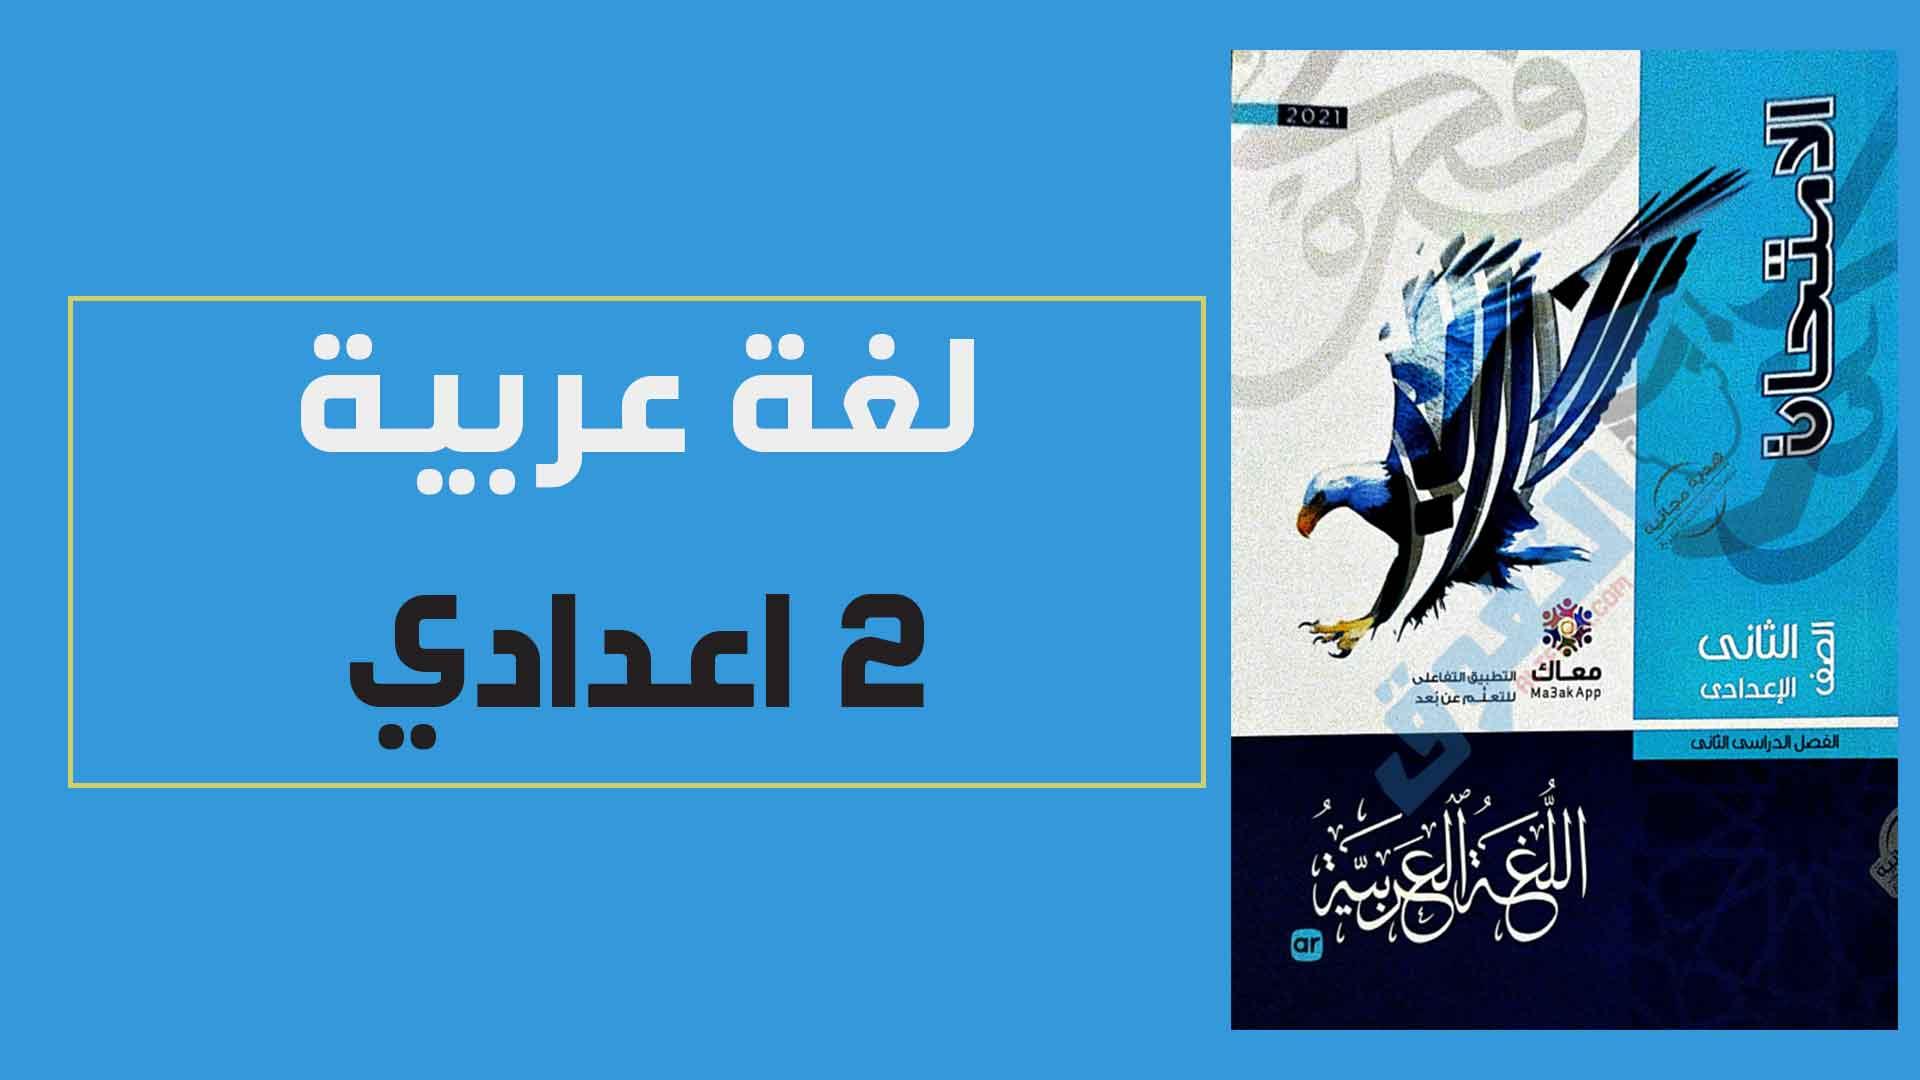 تحميل كتاب الامتحان فى اللغة العربية للصف الثانى الاعدادى الترم الثانى 2021 pdf (كتاب الشرح)